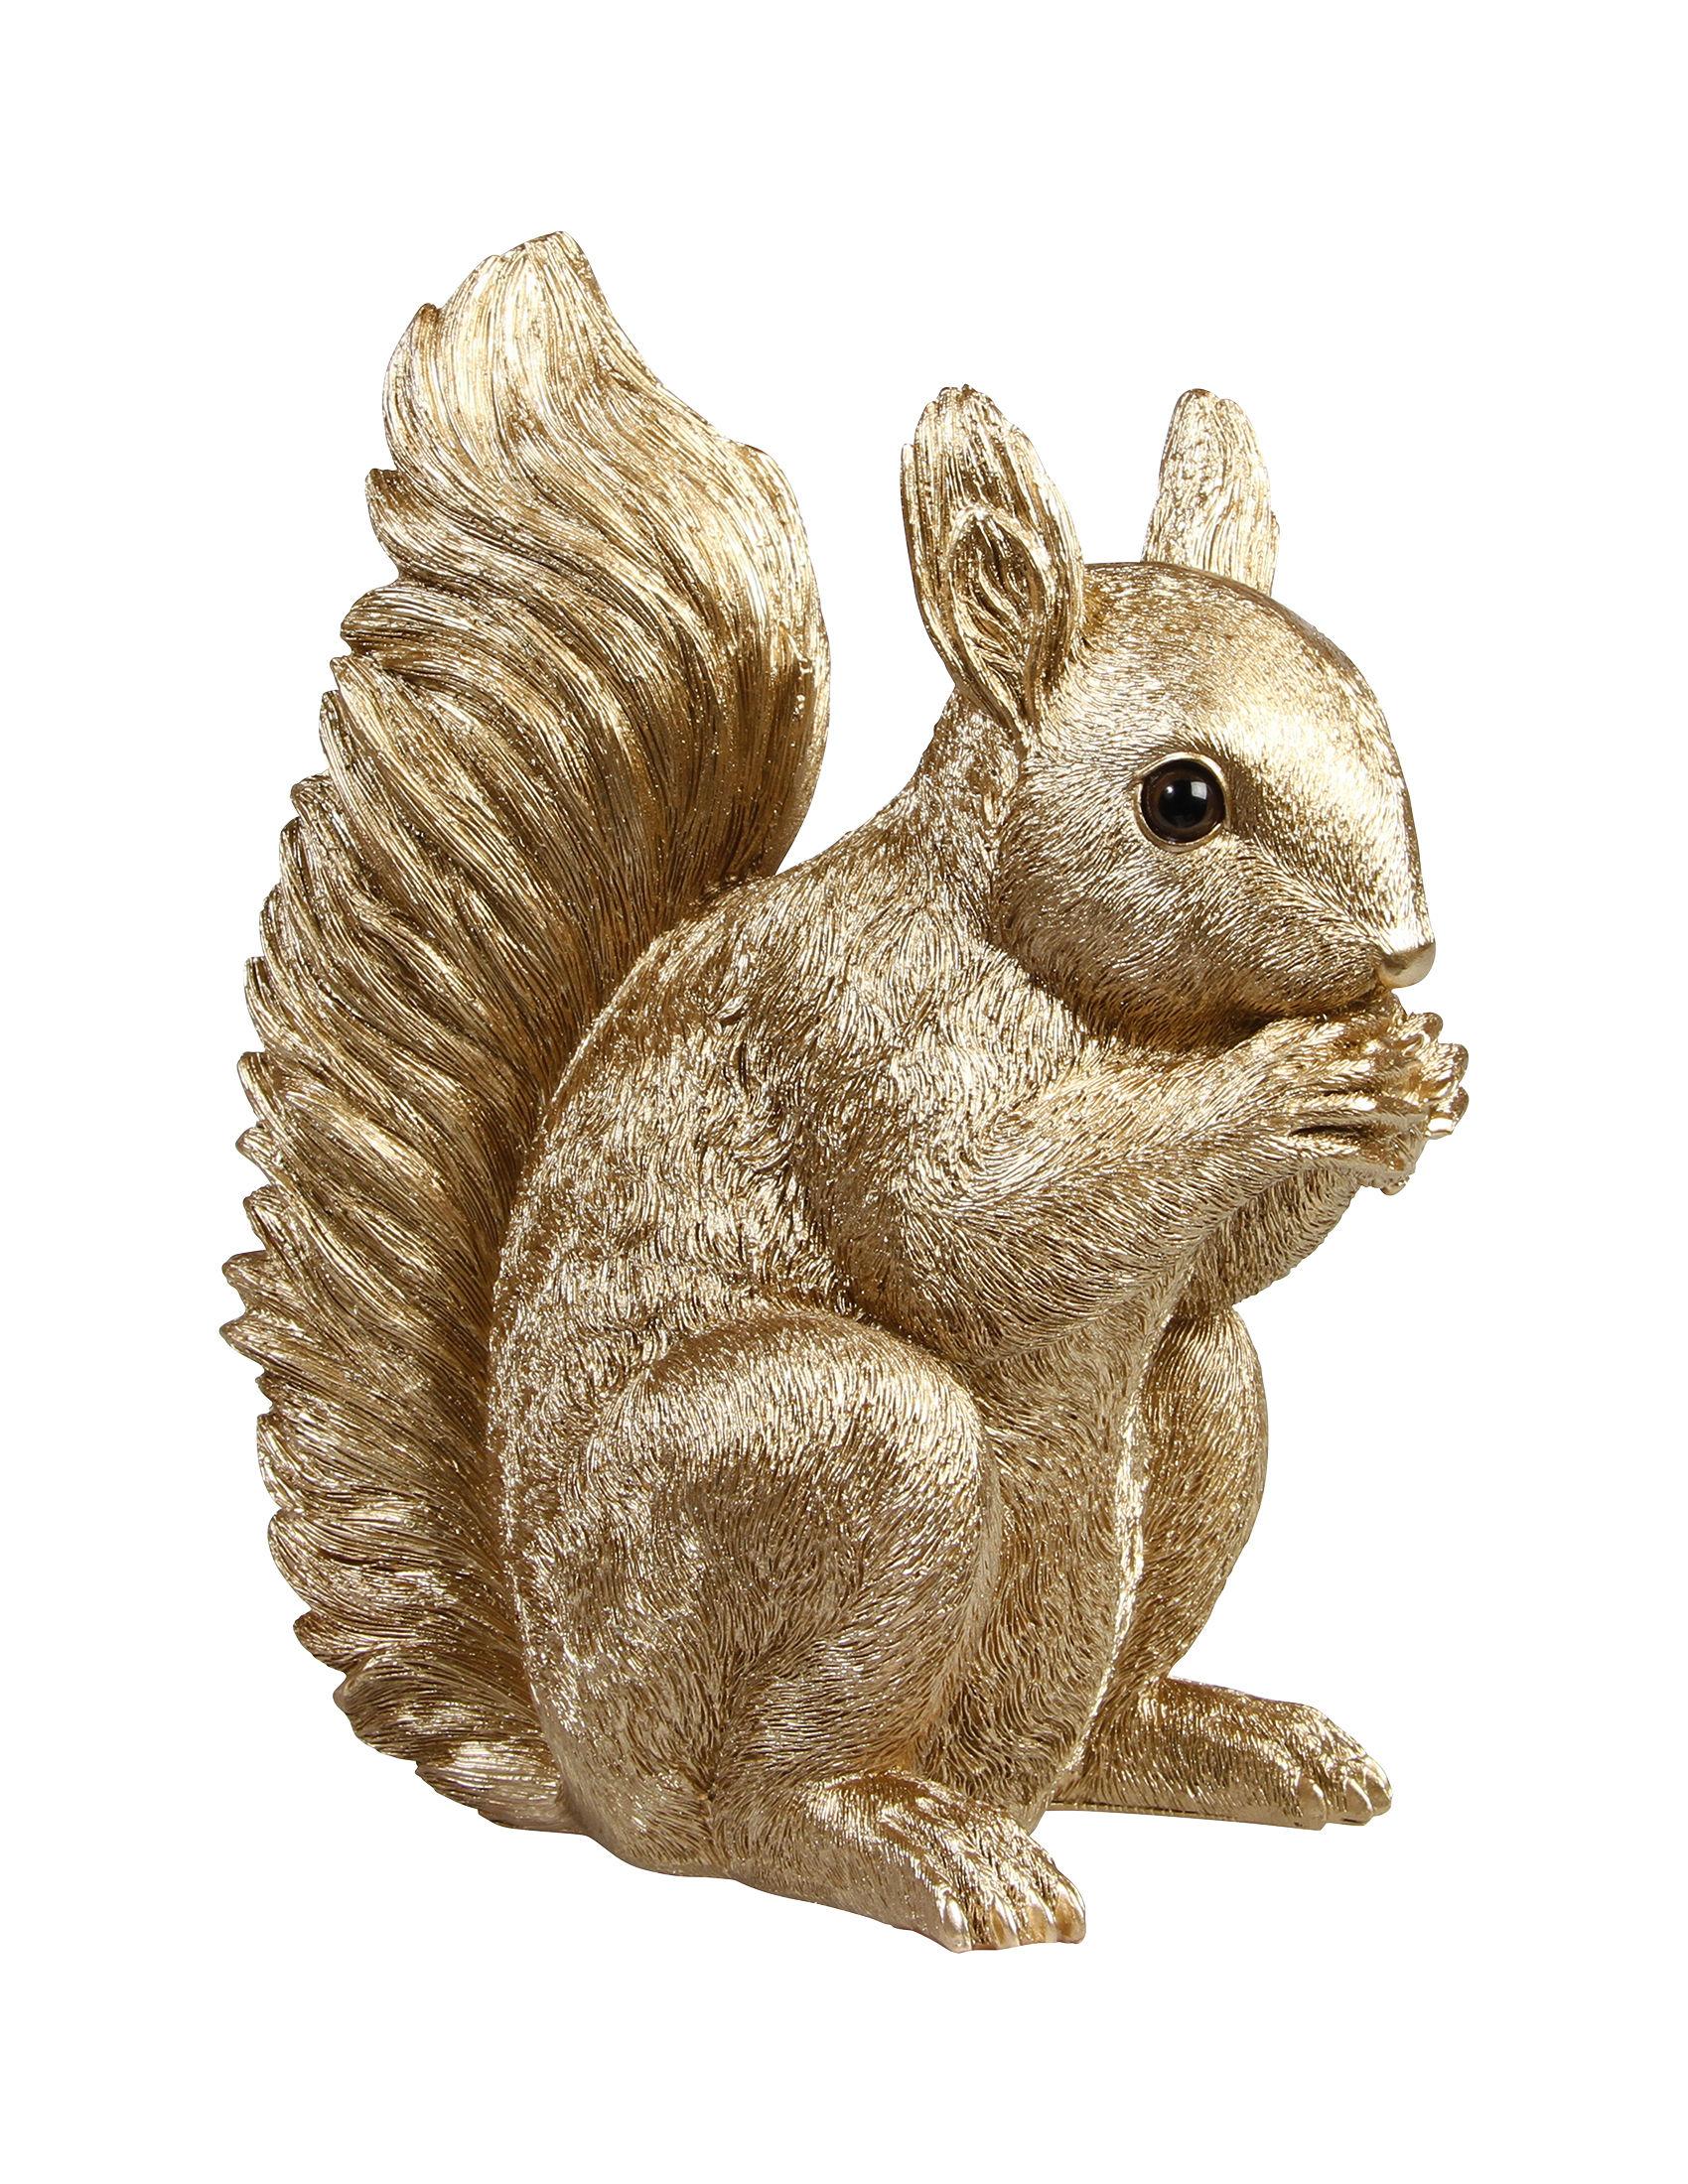 Dekoration - Für Kinder - Sparschwein / Eichhörnchen - H 16 cm - & klevering - Goldfarben - Poly-natur